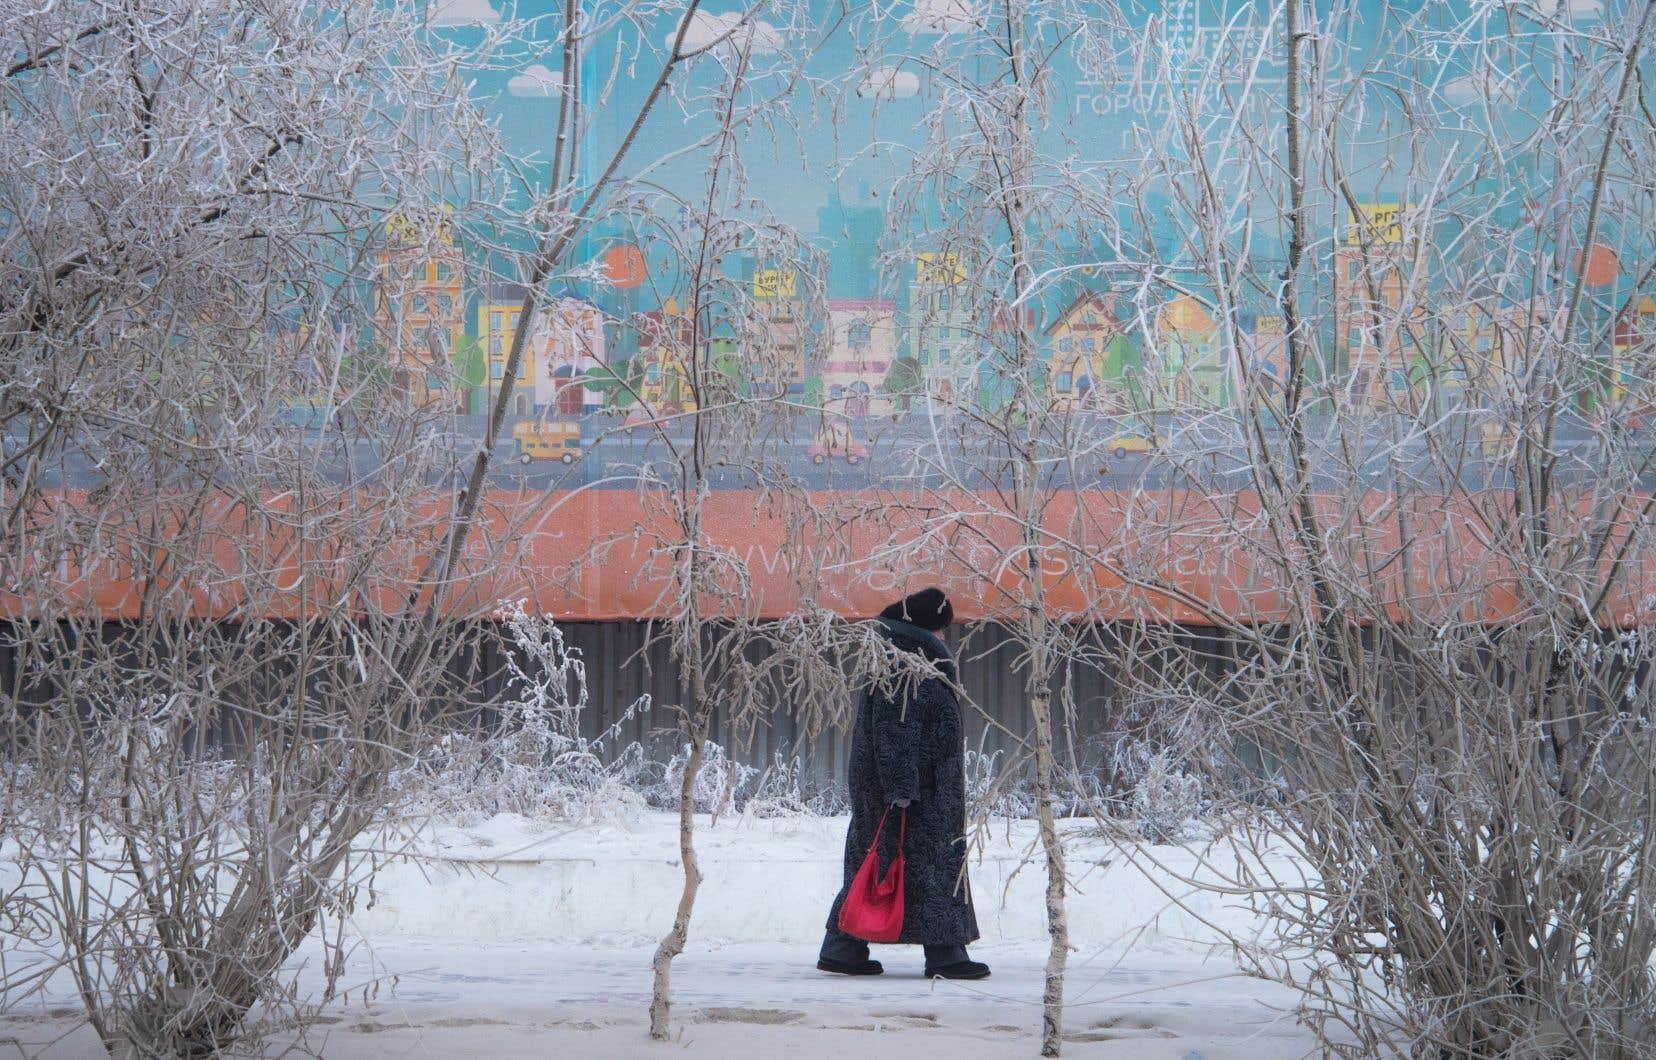 Les habitants de Iakoutsk craignent donc tout particulièrement les dangers provoqués par la fonte des glaces.